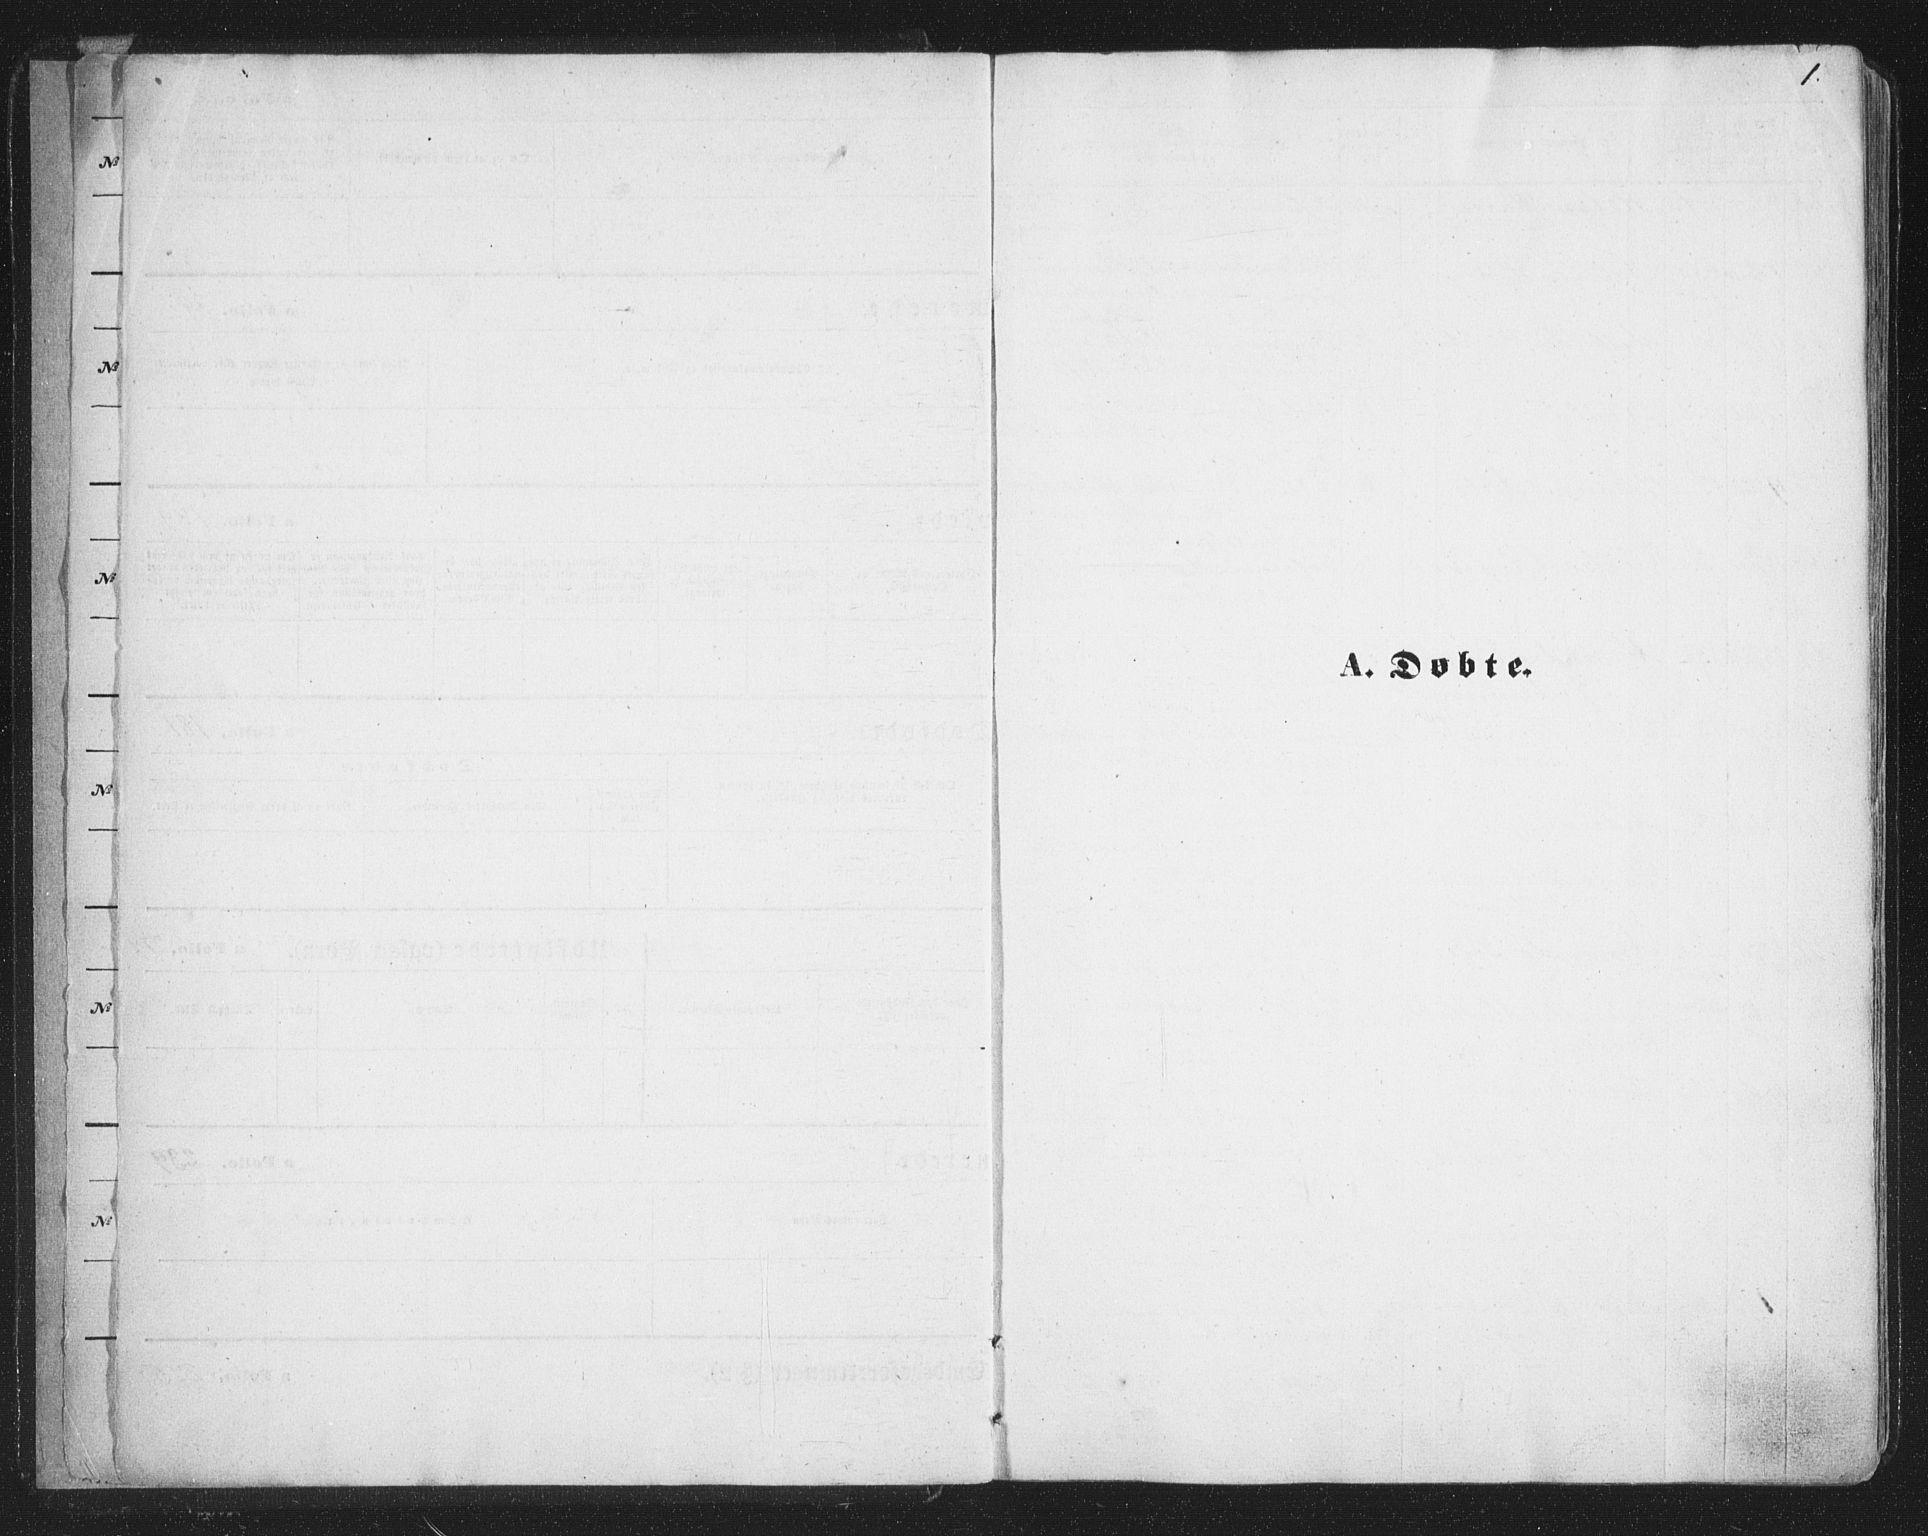 SATØ, Tromsø sokneprestkontor/stiftsprosti/domprosti, G/Ga/L0012kirke: Ministerialbok nr. 12, 1865-1871, s. 1